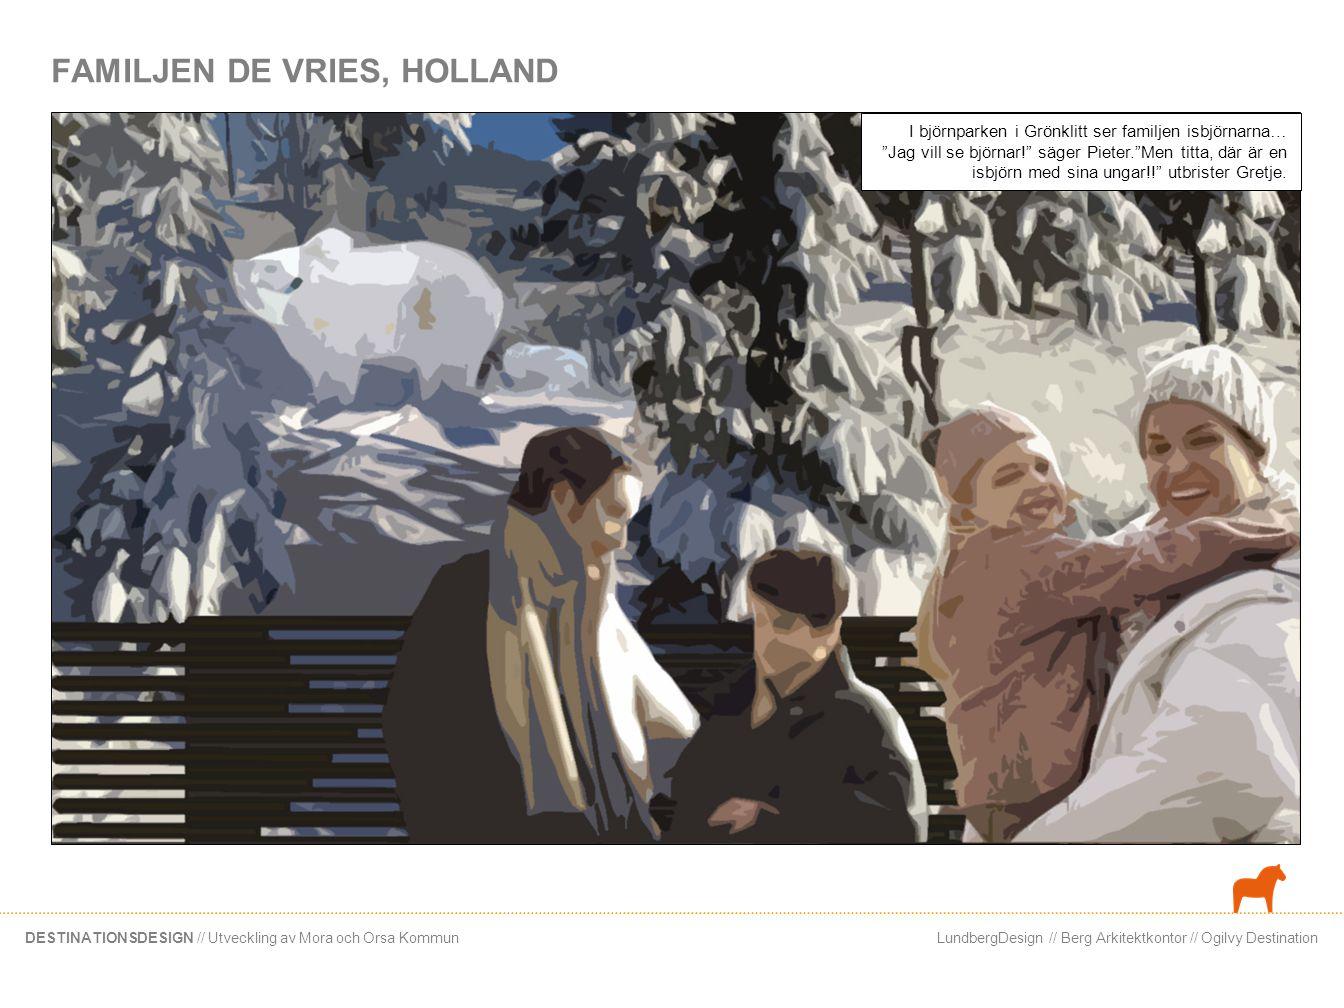 LundbergDesign // Berg Arkitektkontor // Ogilvy DestinationDESTINATIONSDESIGN // Utveckling av Mora och Orsa Kommun FAMILJEN DE VRIES, HOLLAND I björn